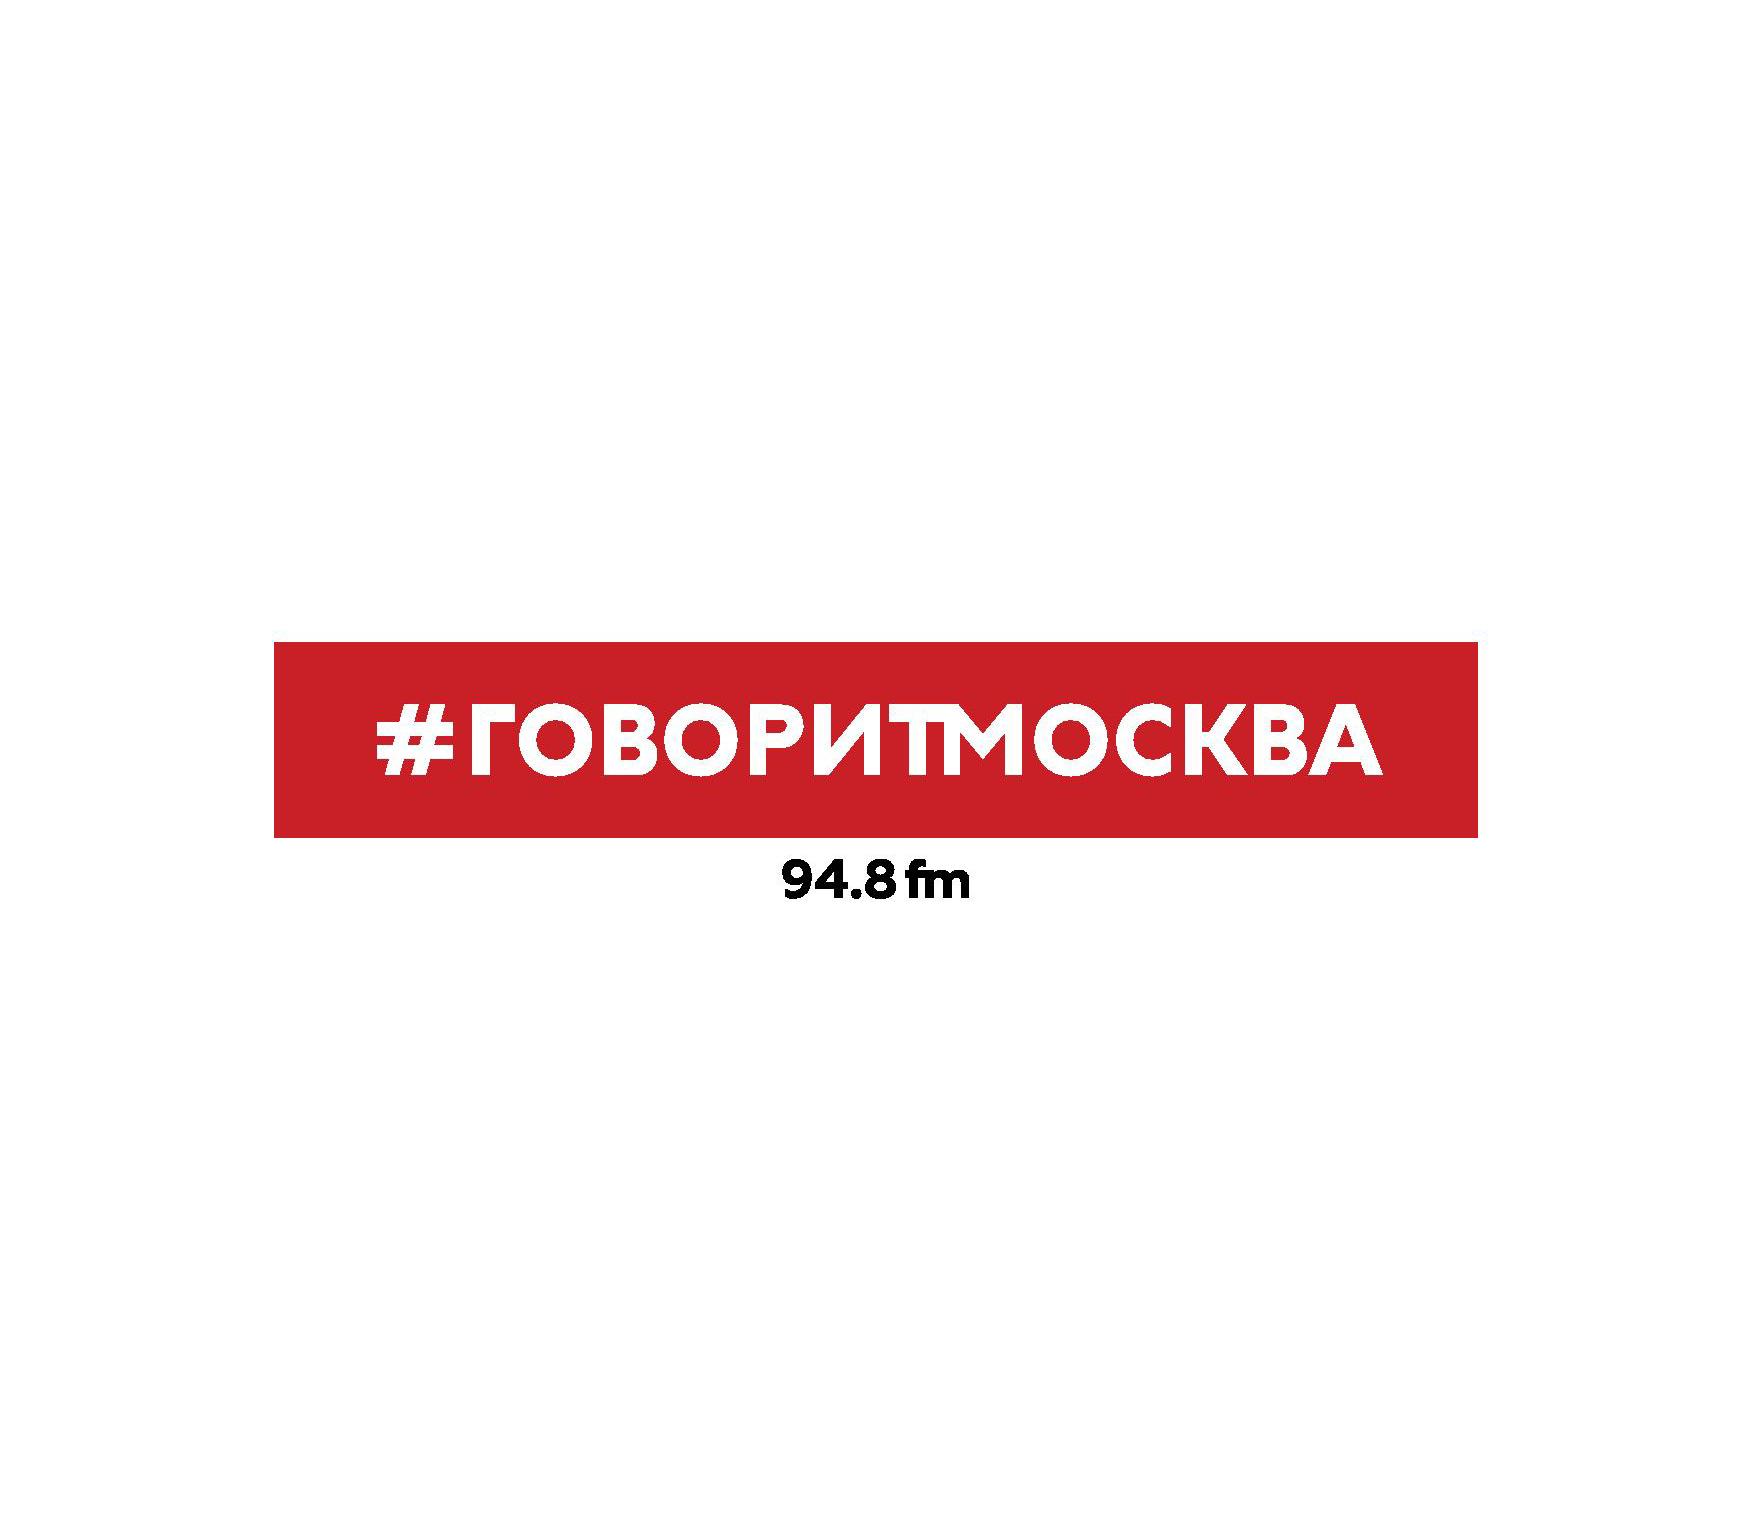 Макс Челноков 21 марта. Игорь Чубайс макс челноков 28 марта михаил старшинов